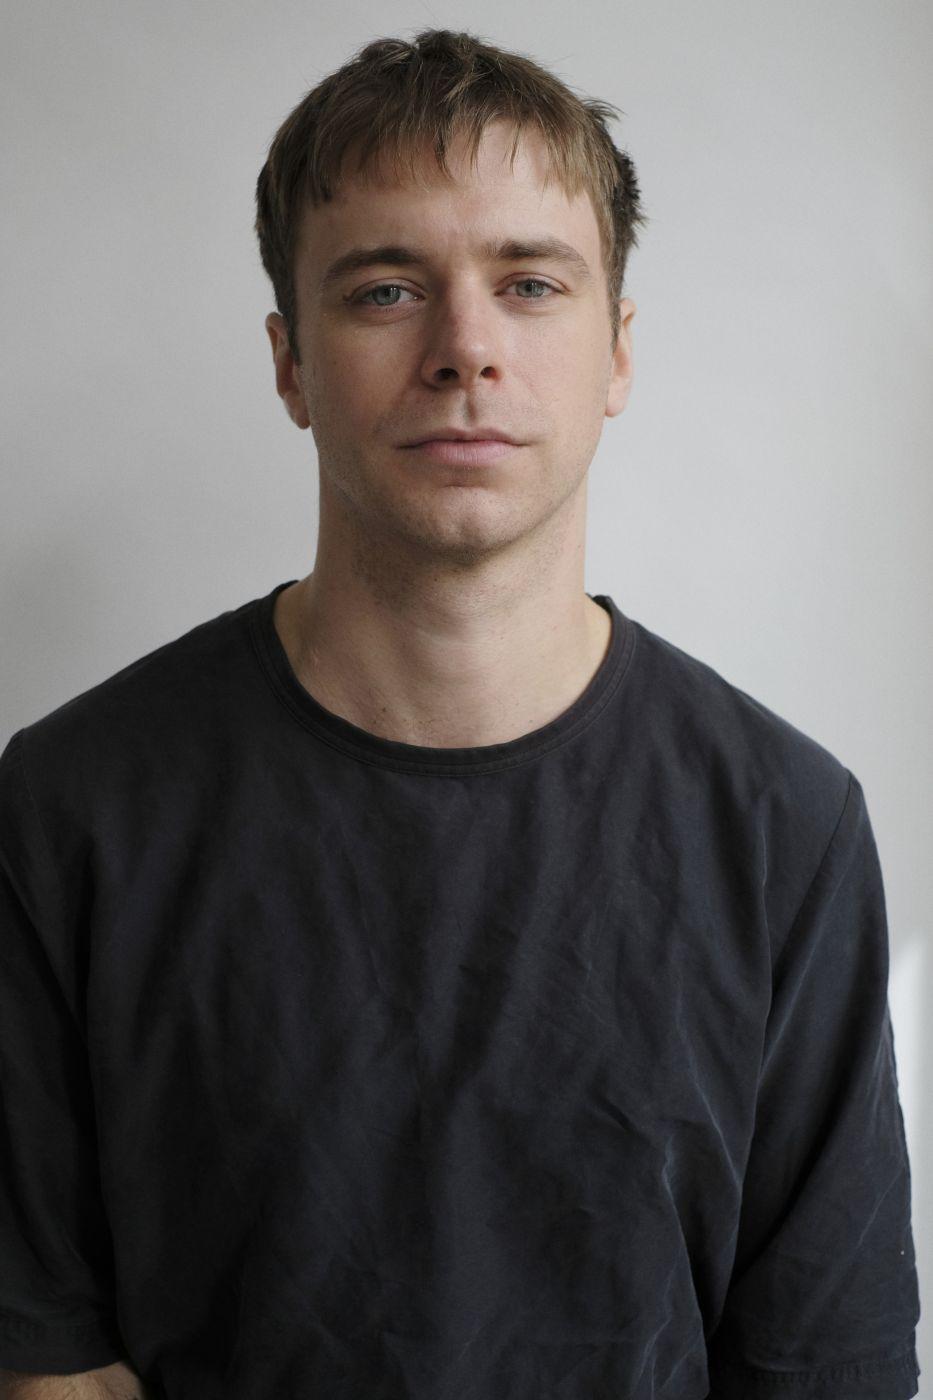 Max Breu